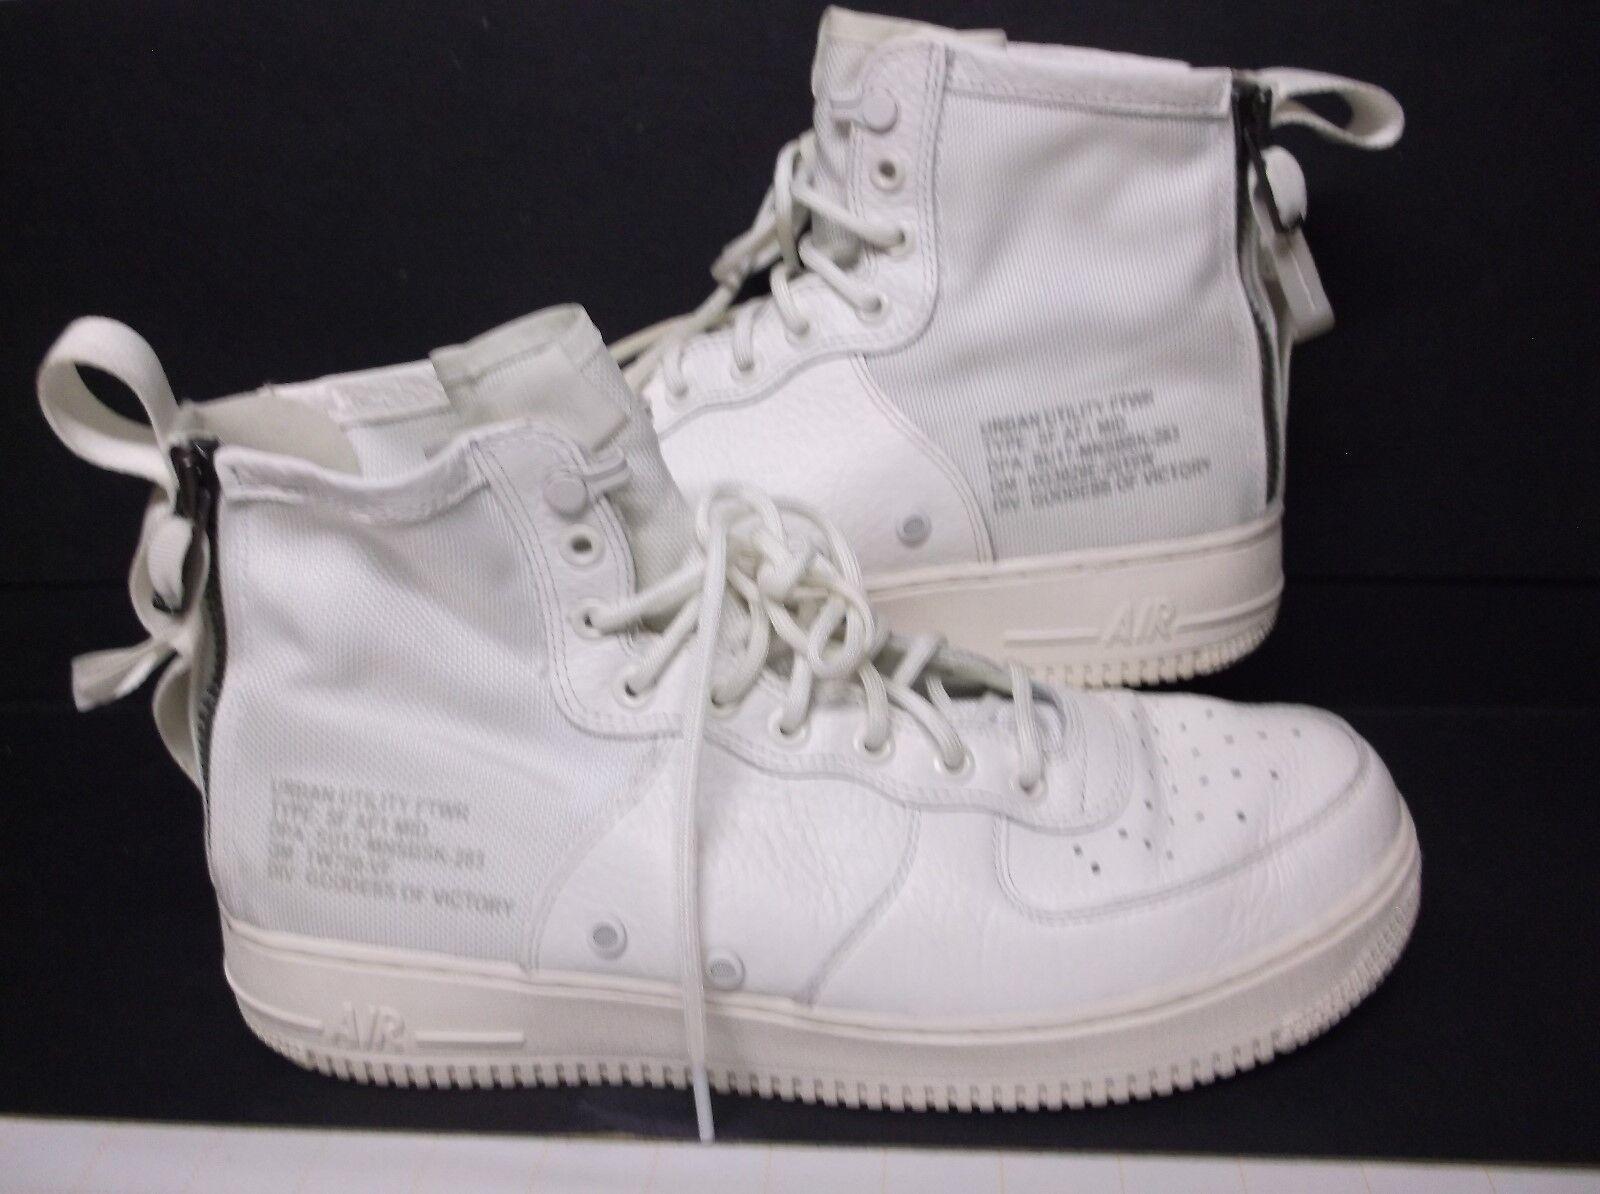 Nike Air Force 1  SF AF1 Mid QS...AA6655 -100..Dimensione 10.5  alta qualità e spedizione veloce